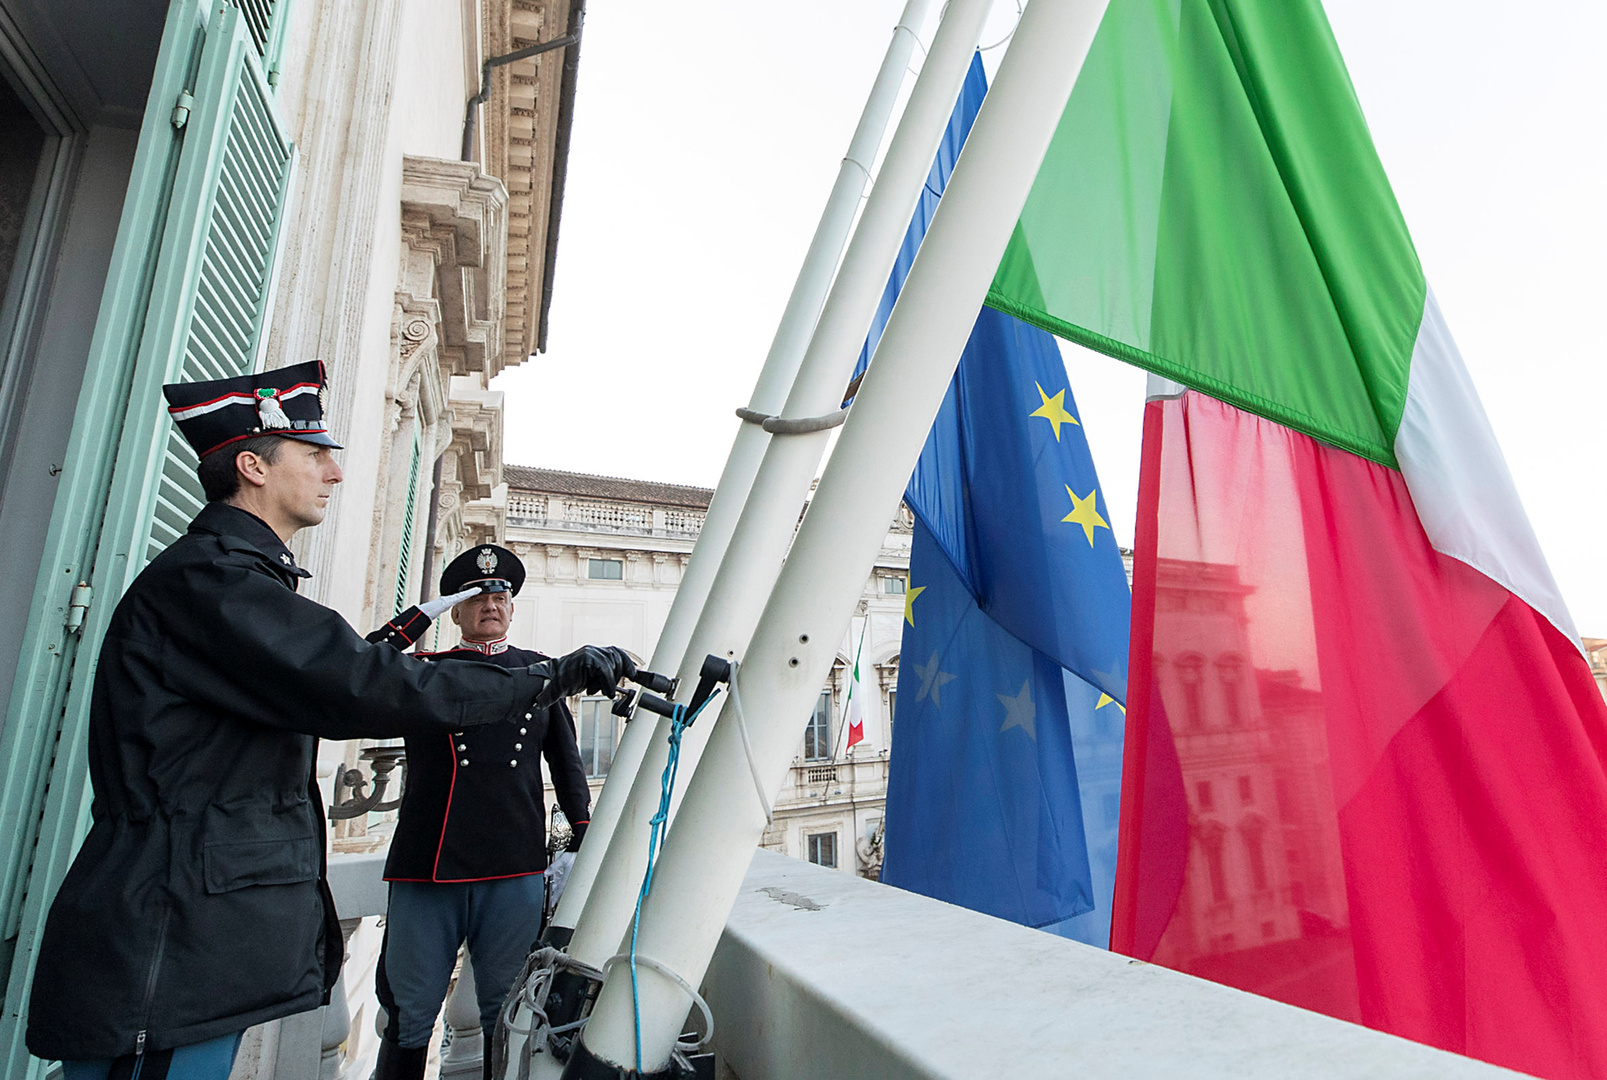 استطلاع:أكثر من نصف الإيطاليين يؤيدون الخروج من الاتحاد الأوروبي إثر كورونا